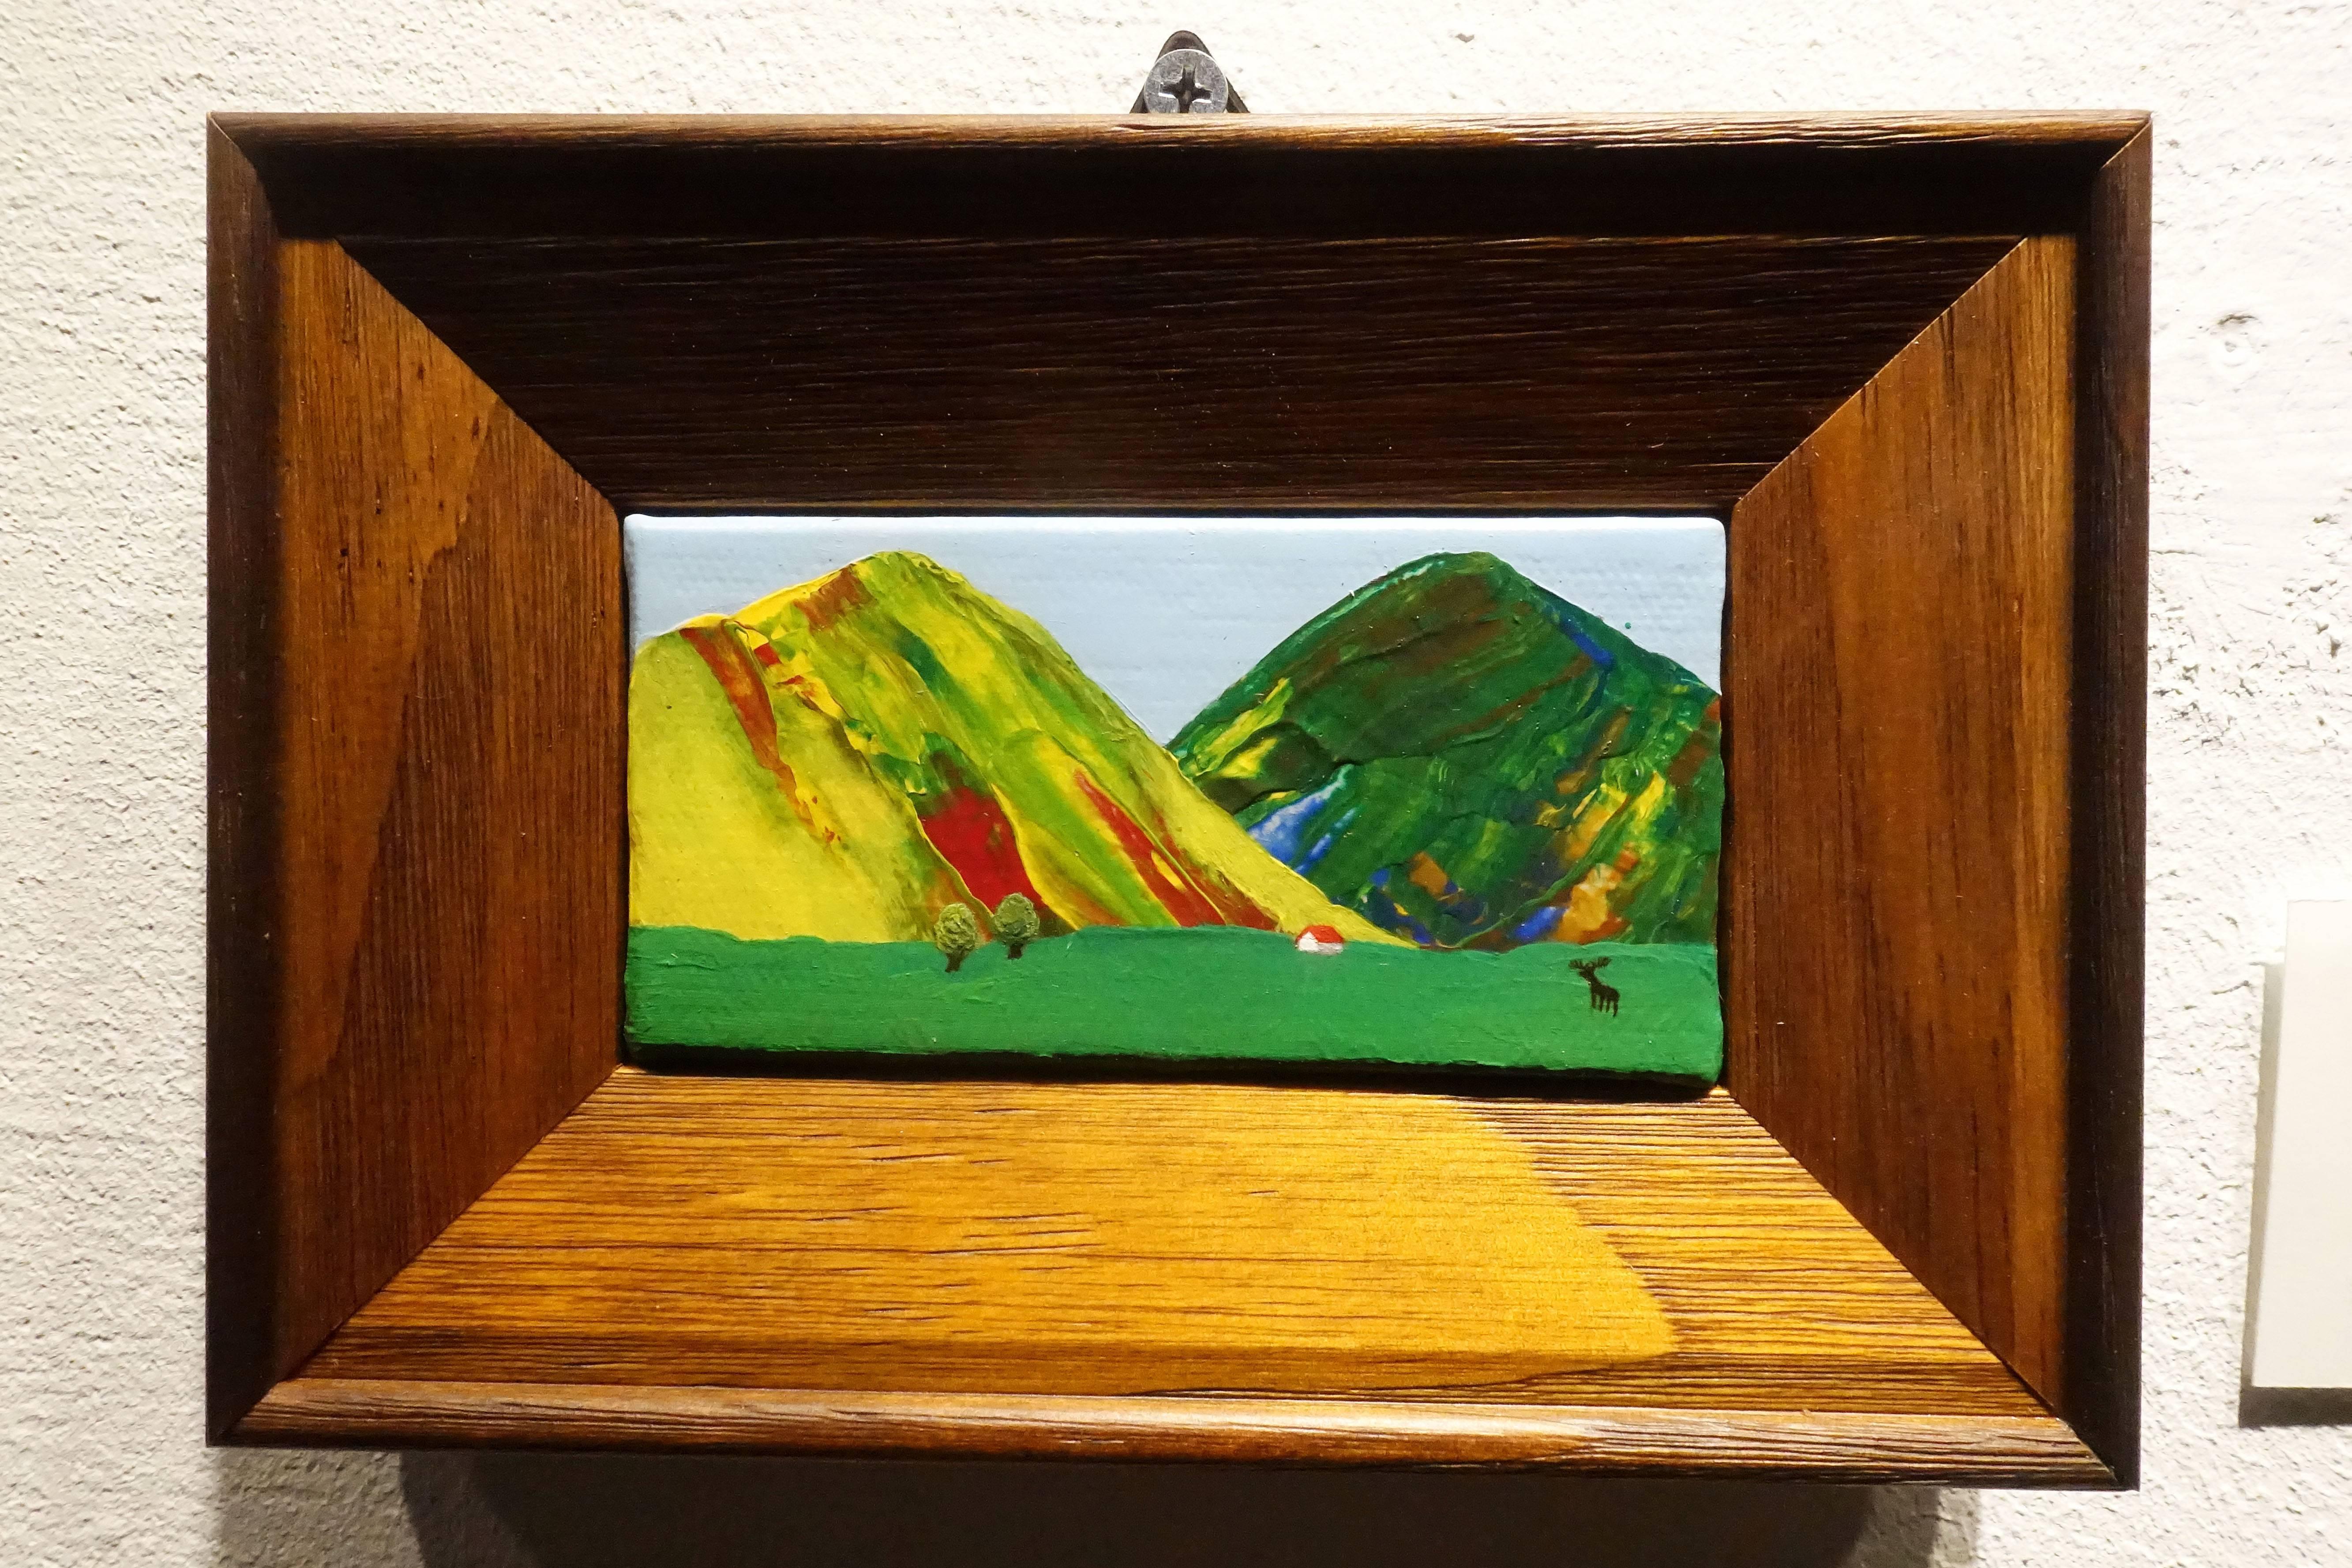 張友鷦,《山谷邊 小小版》,壓克力、油彩畫布,2018。